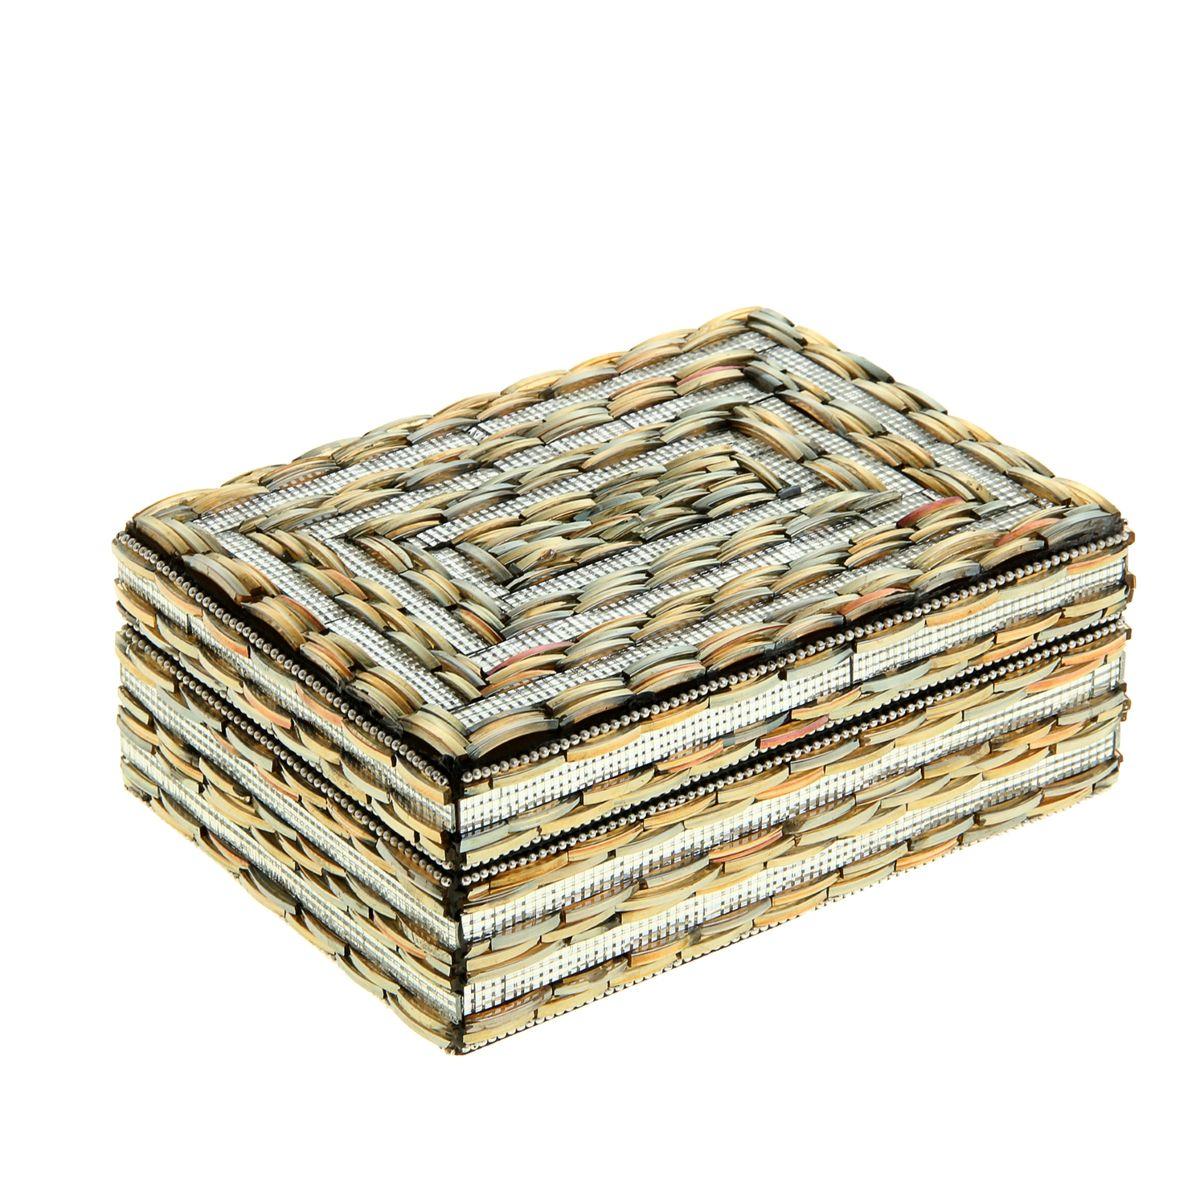 Шкатулка Sima-land Бисер, 18,5 см х 13,5 см х 7 см799975Шкатулка Sima-land Бисер выполнена из МДФ и украшена элементами из стекла. Техника декорирования такой шкатулки имеет свои особенности: для украшения используются специальные кольца из стекла, которые разрезаются на несколько отдельных частей, благодаря чему получаются слегка выпуклые продолговатые кусочки. Из этих кусочков выкладывается настоящая мозаика, придающая шкатулке эффектный и необычный вид. Внутри одно большое отделение. Шкатулку можно смело дарить представительнице прекрасного пола. Даже не сомневайтесь: она очень быстро найдет, чем заполнить такой стильный и удобный аксессуар.